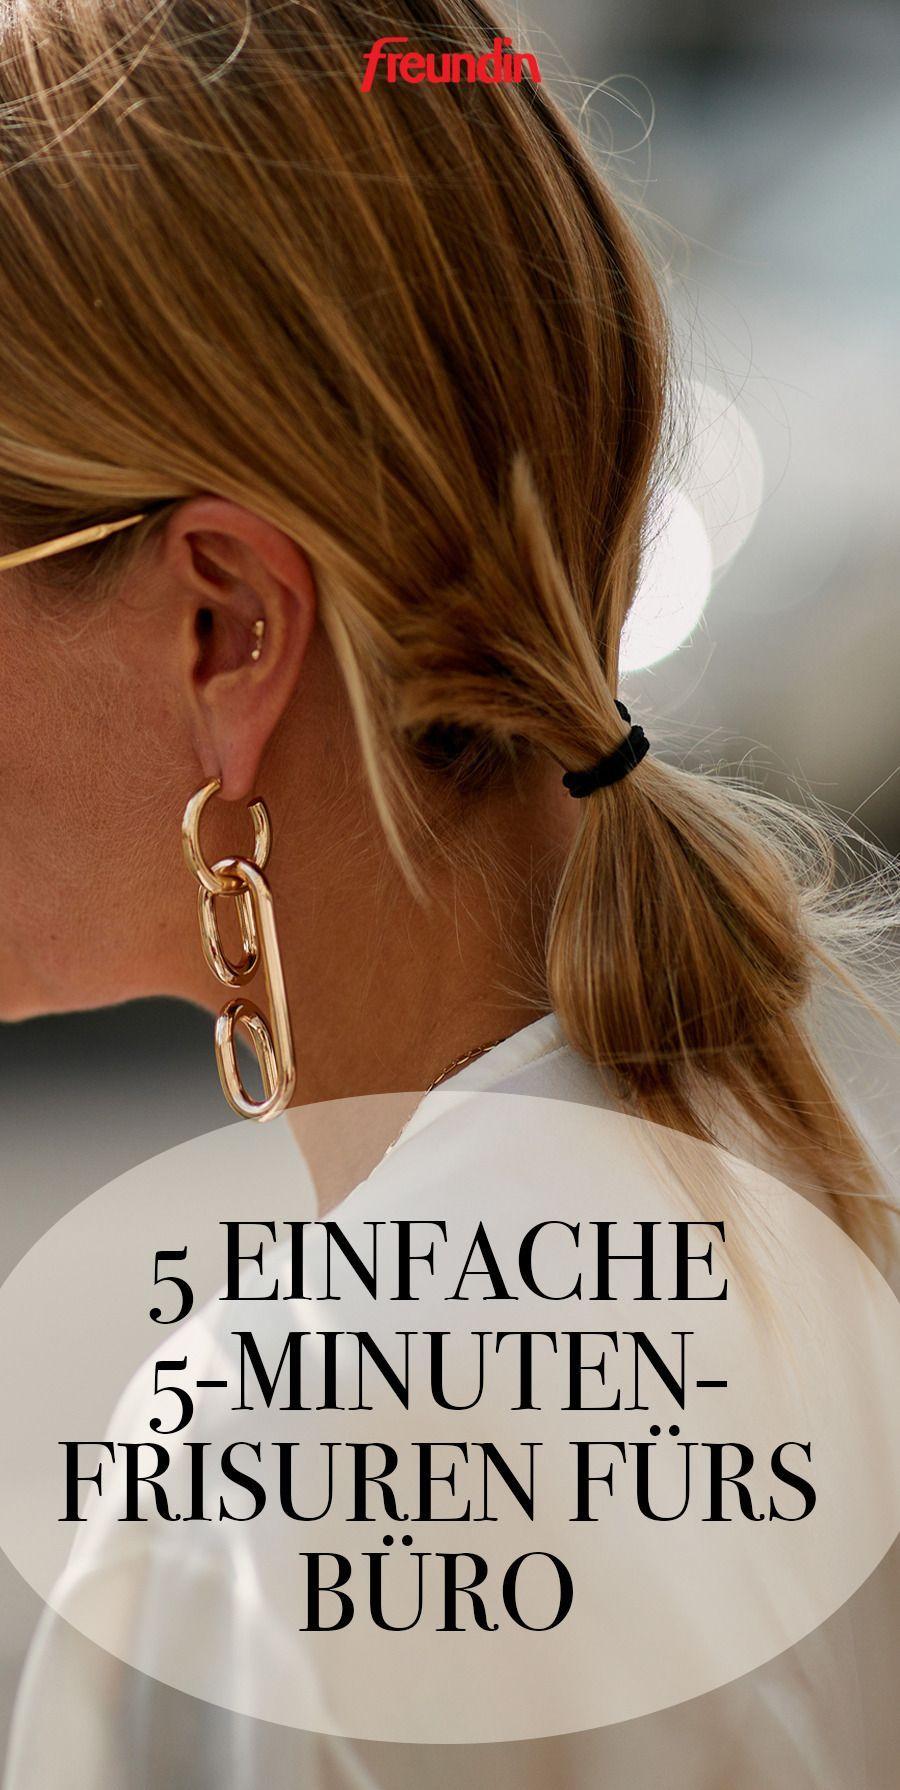 5 einfache 5-minuten-frisuren für die arbeit | freundin.de